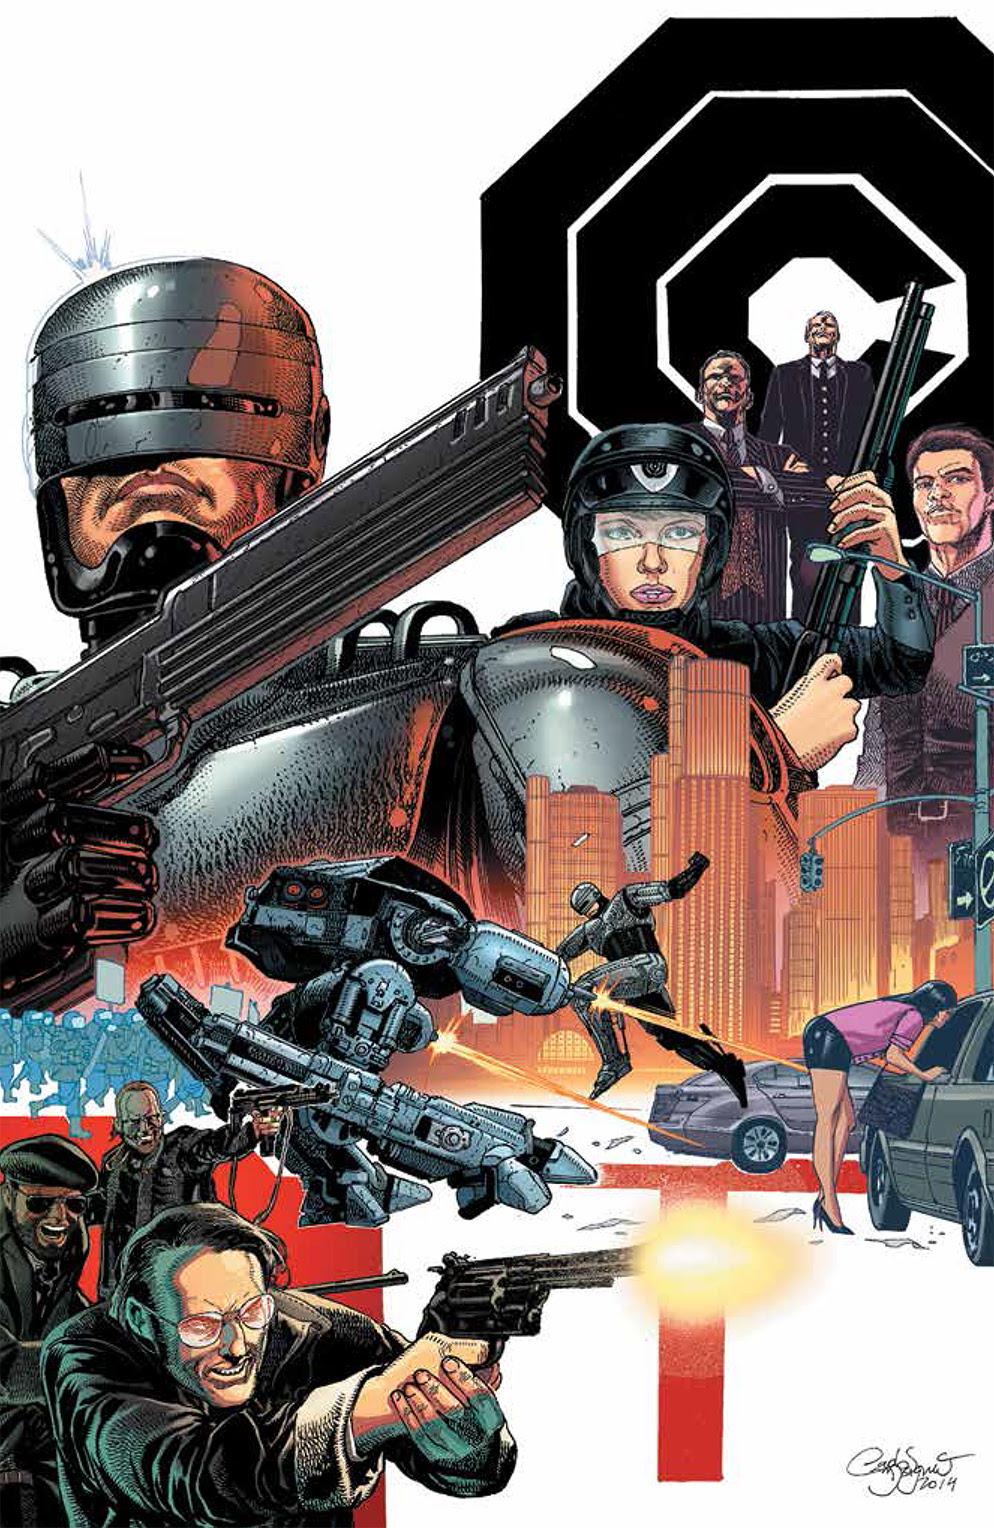 ROBOCOP #1 Cover B by Carlos Magno